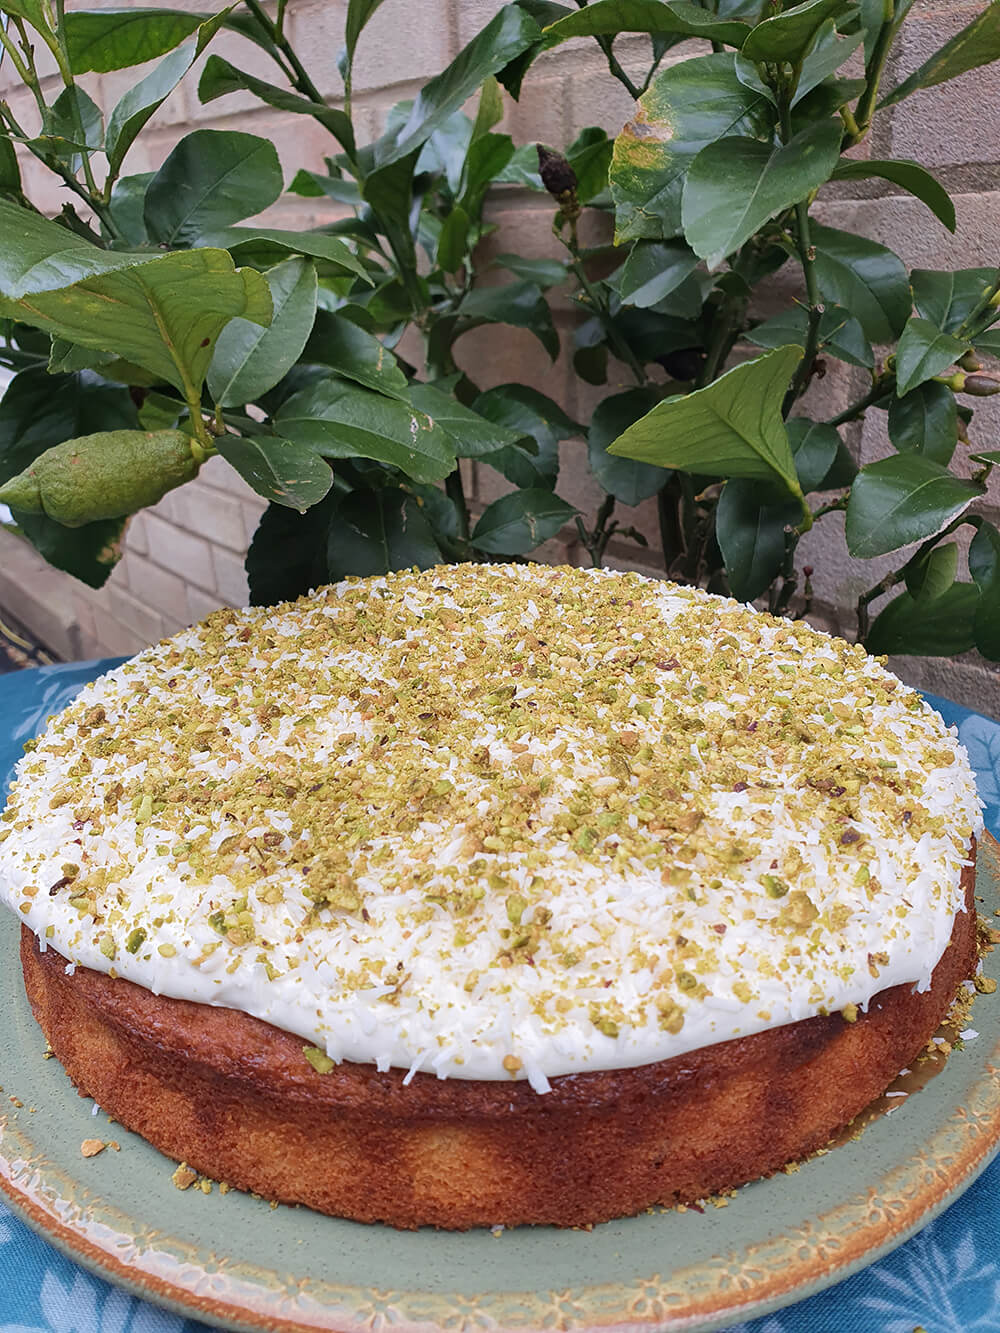 Lime and Cardamom Cake